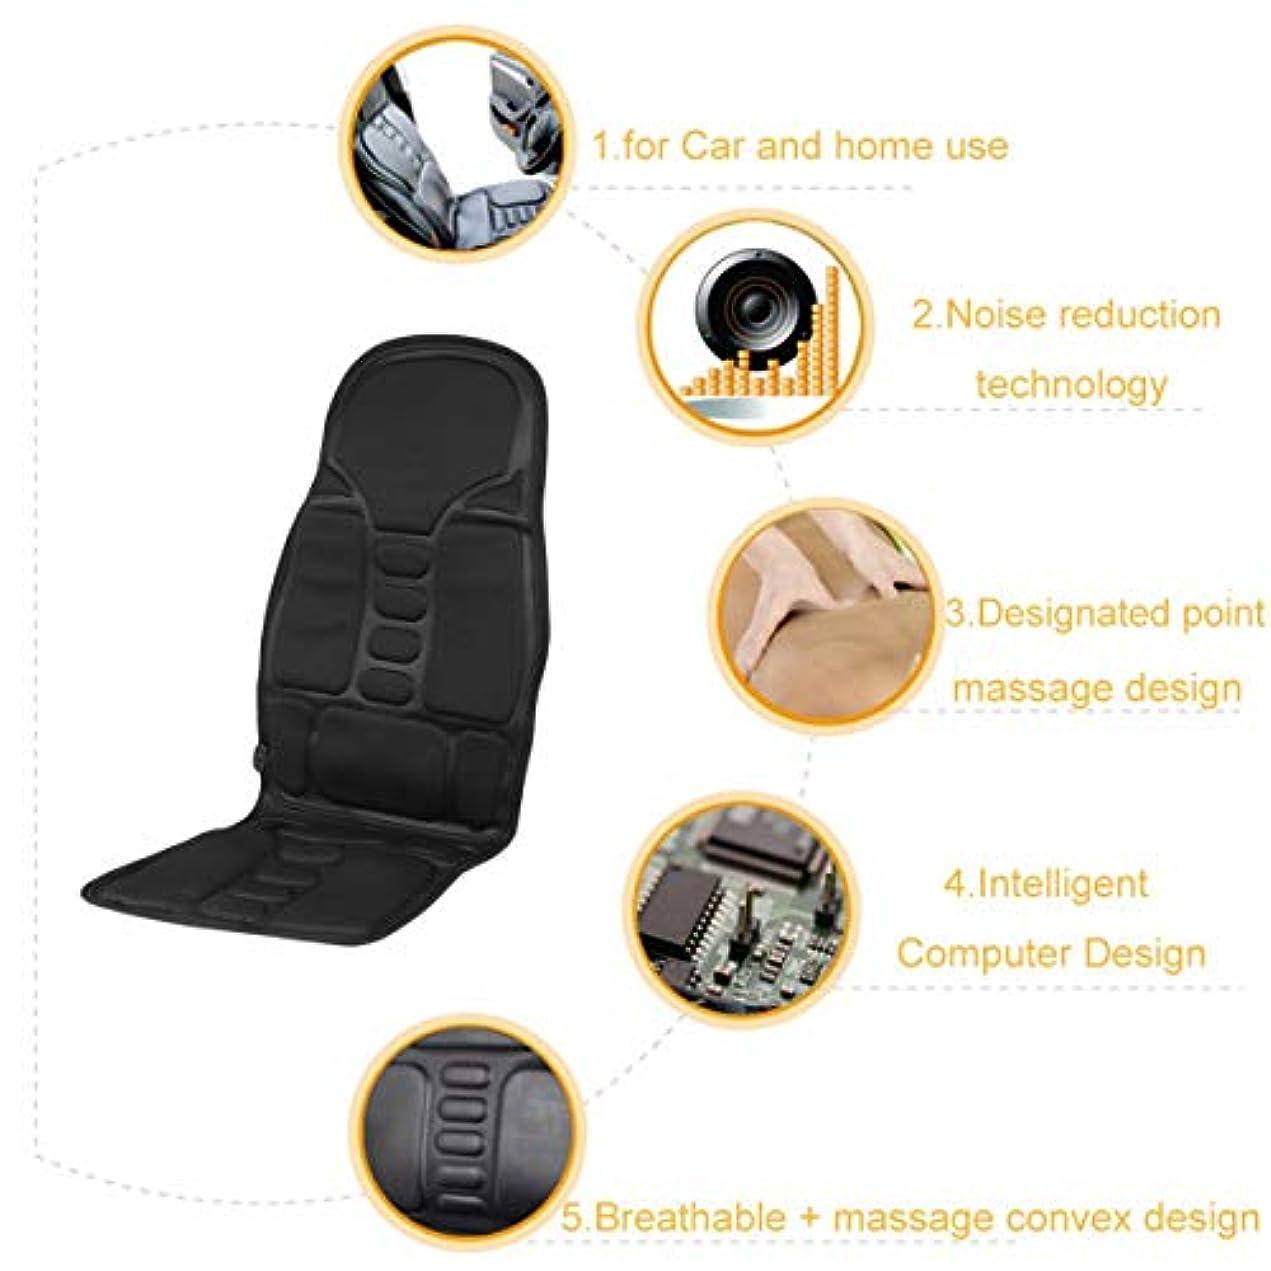 シリーズ本質的に食用Professional Car Household Office Full Body Massage Cushion Lumbar Heat Vibration Neck Back Massage Cushion Seat